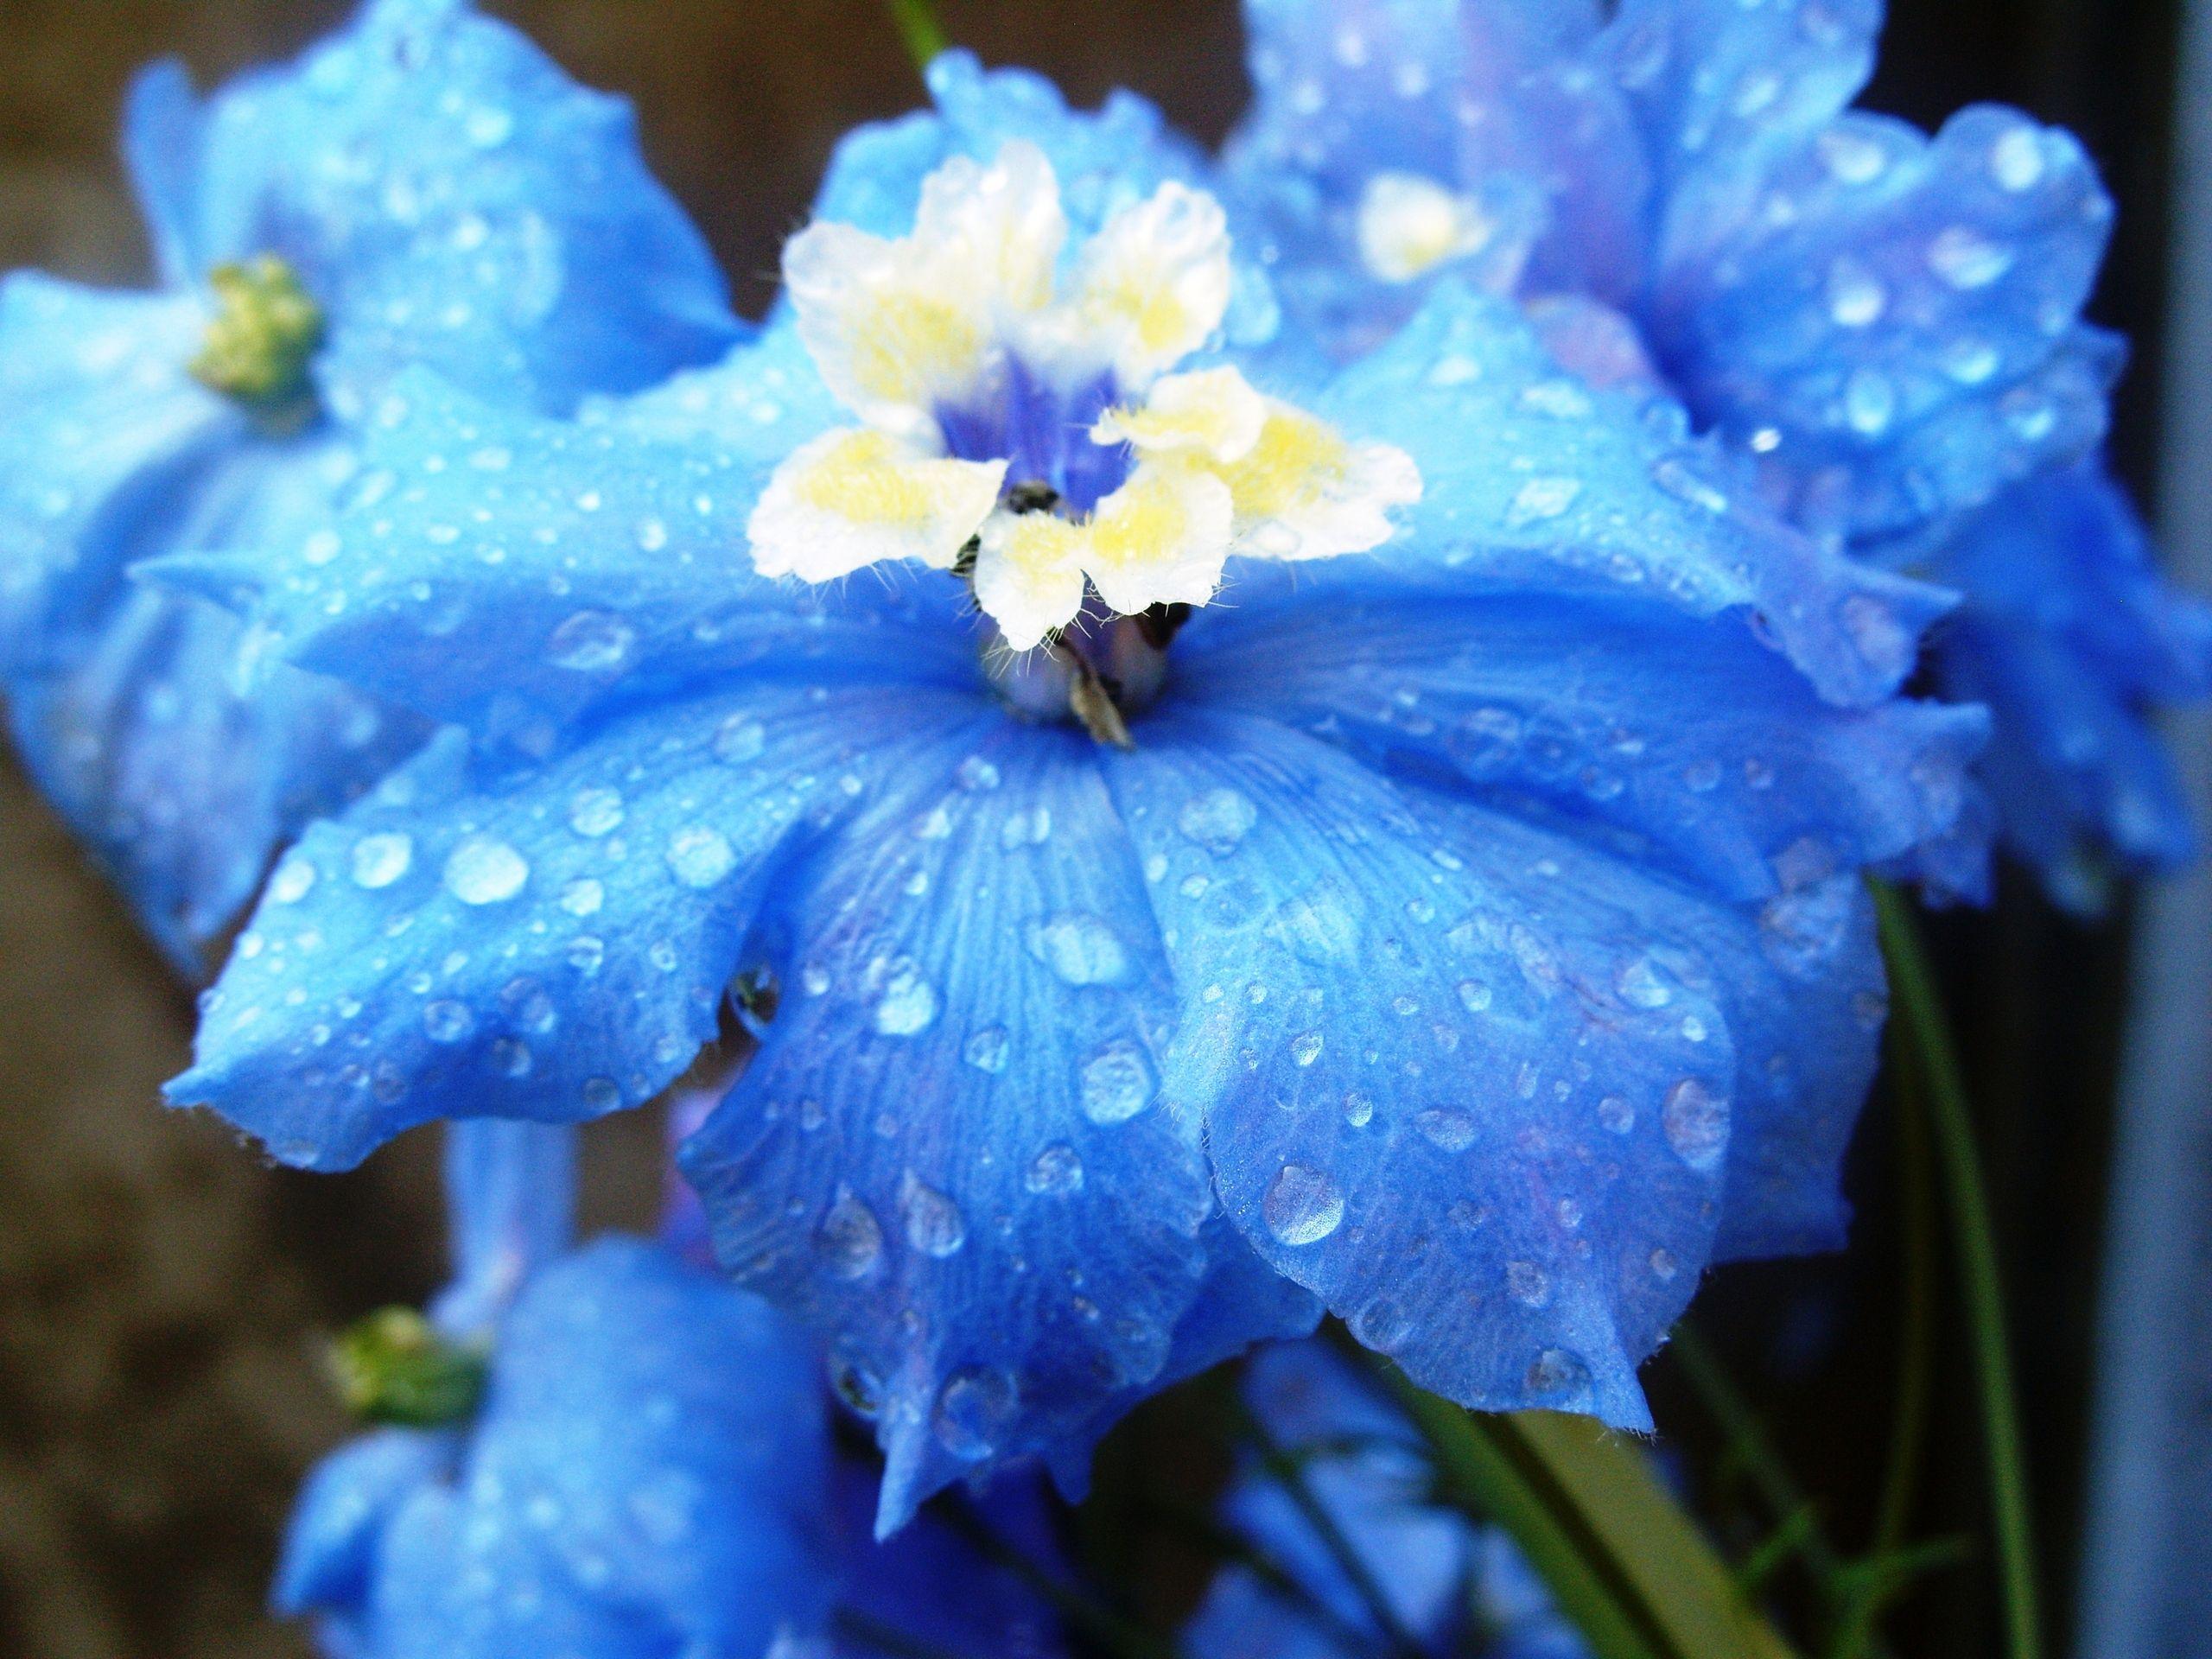 Light blue flowers das leben pinterest delphinium flowers light blue flowers izmirmasajfo